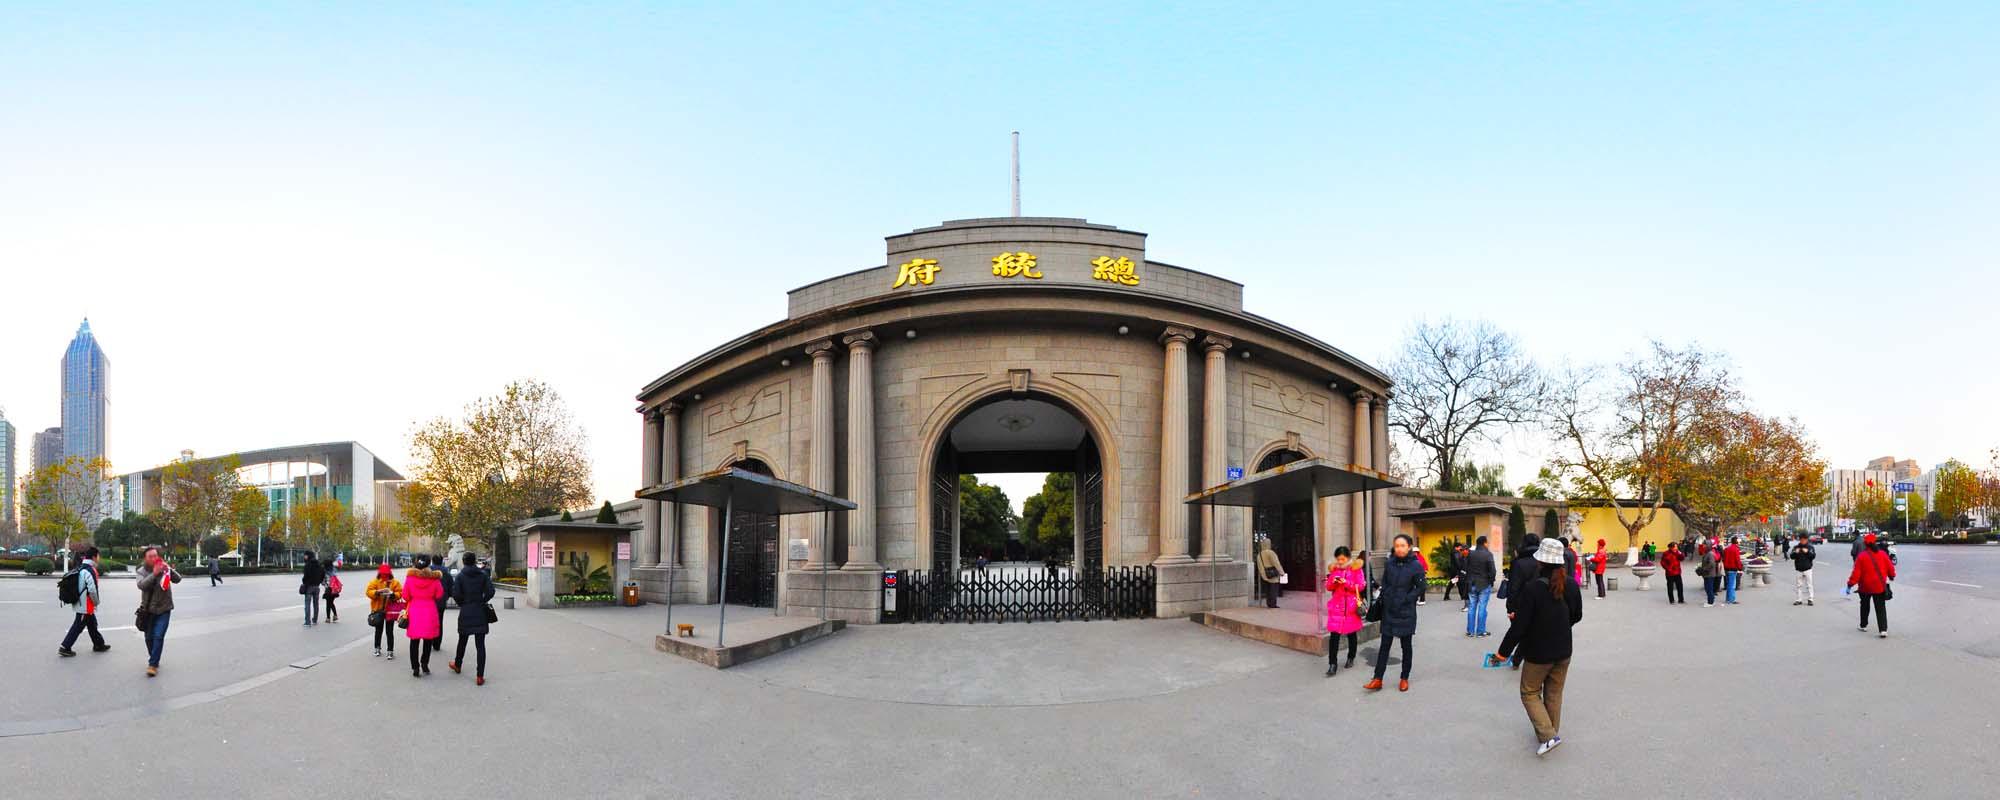 南京虚拟旅游